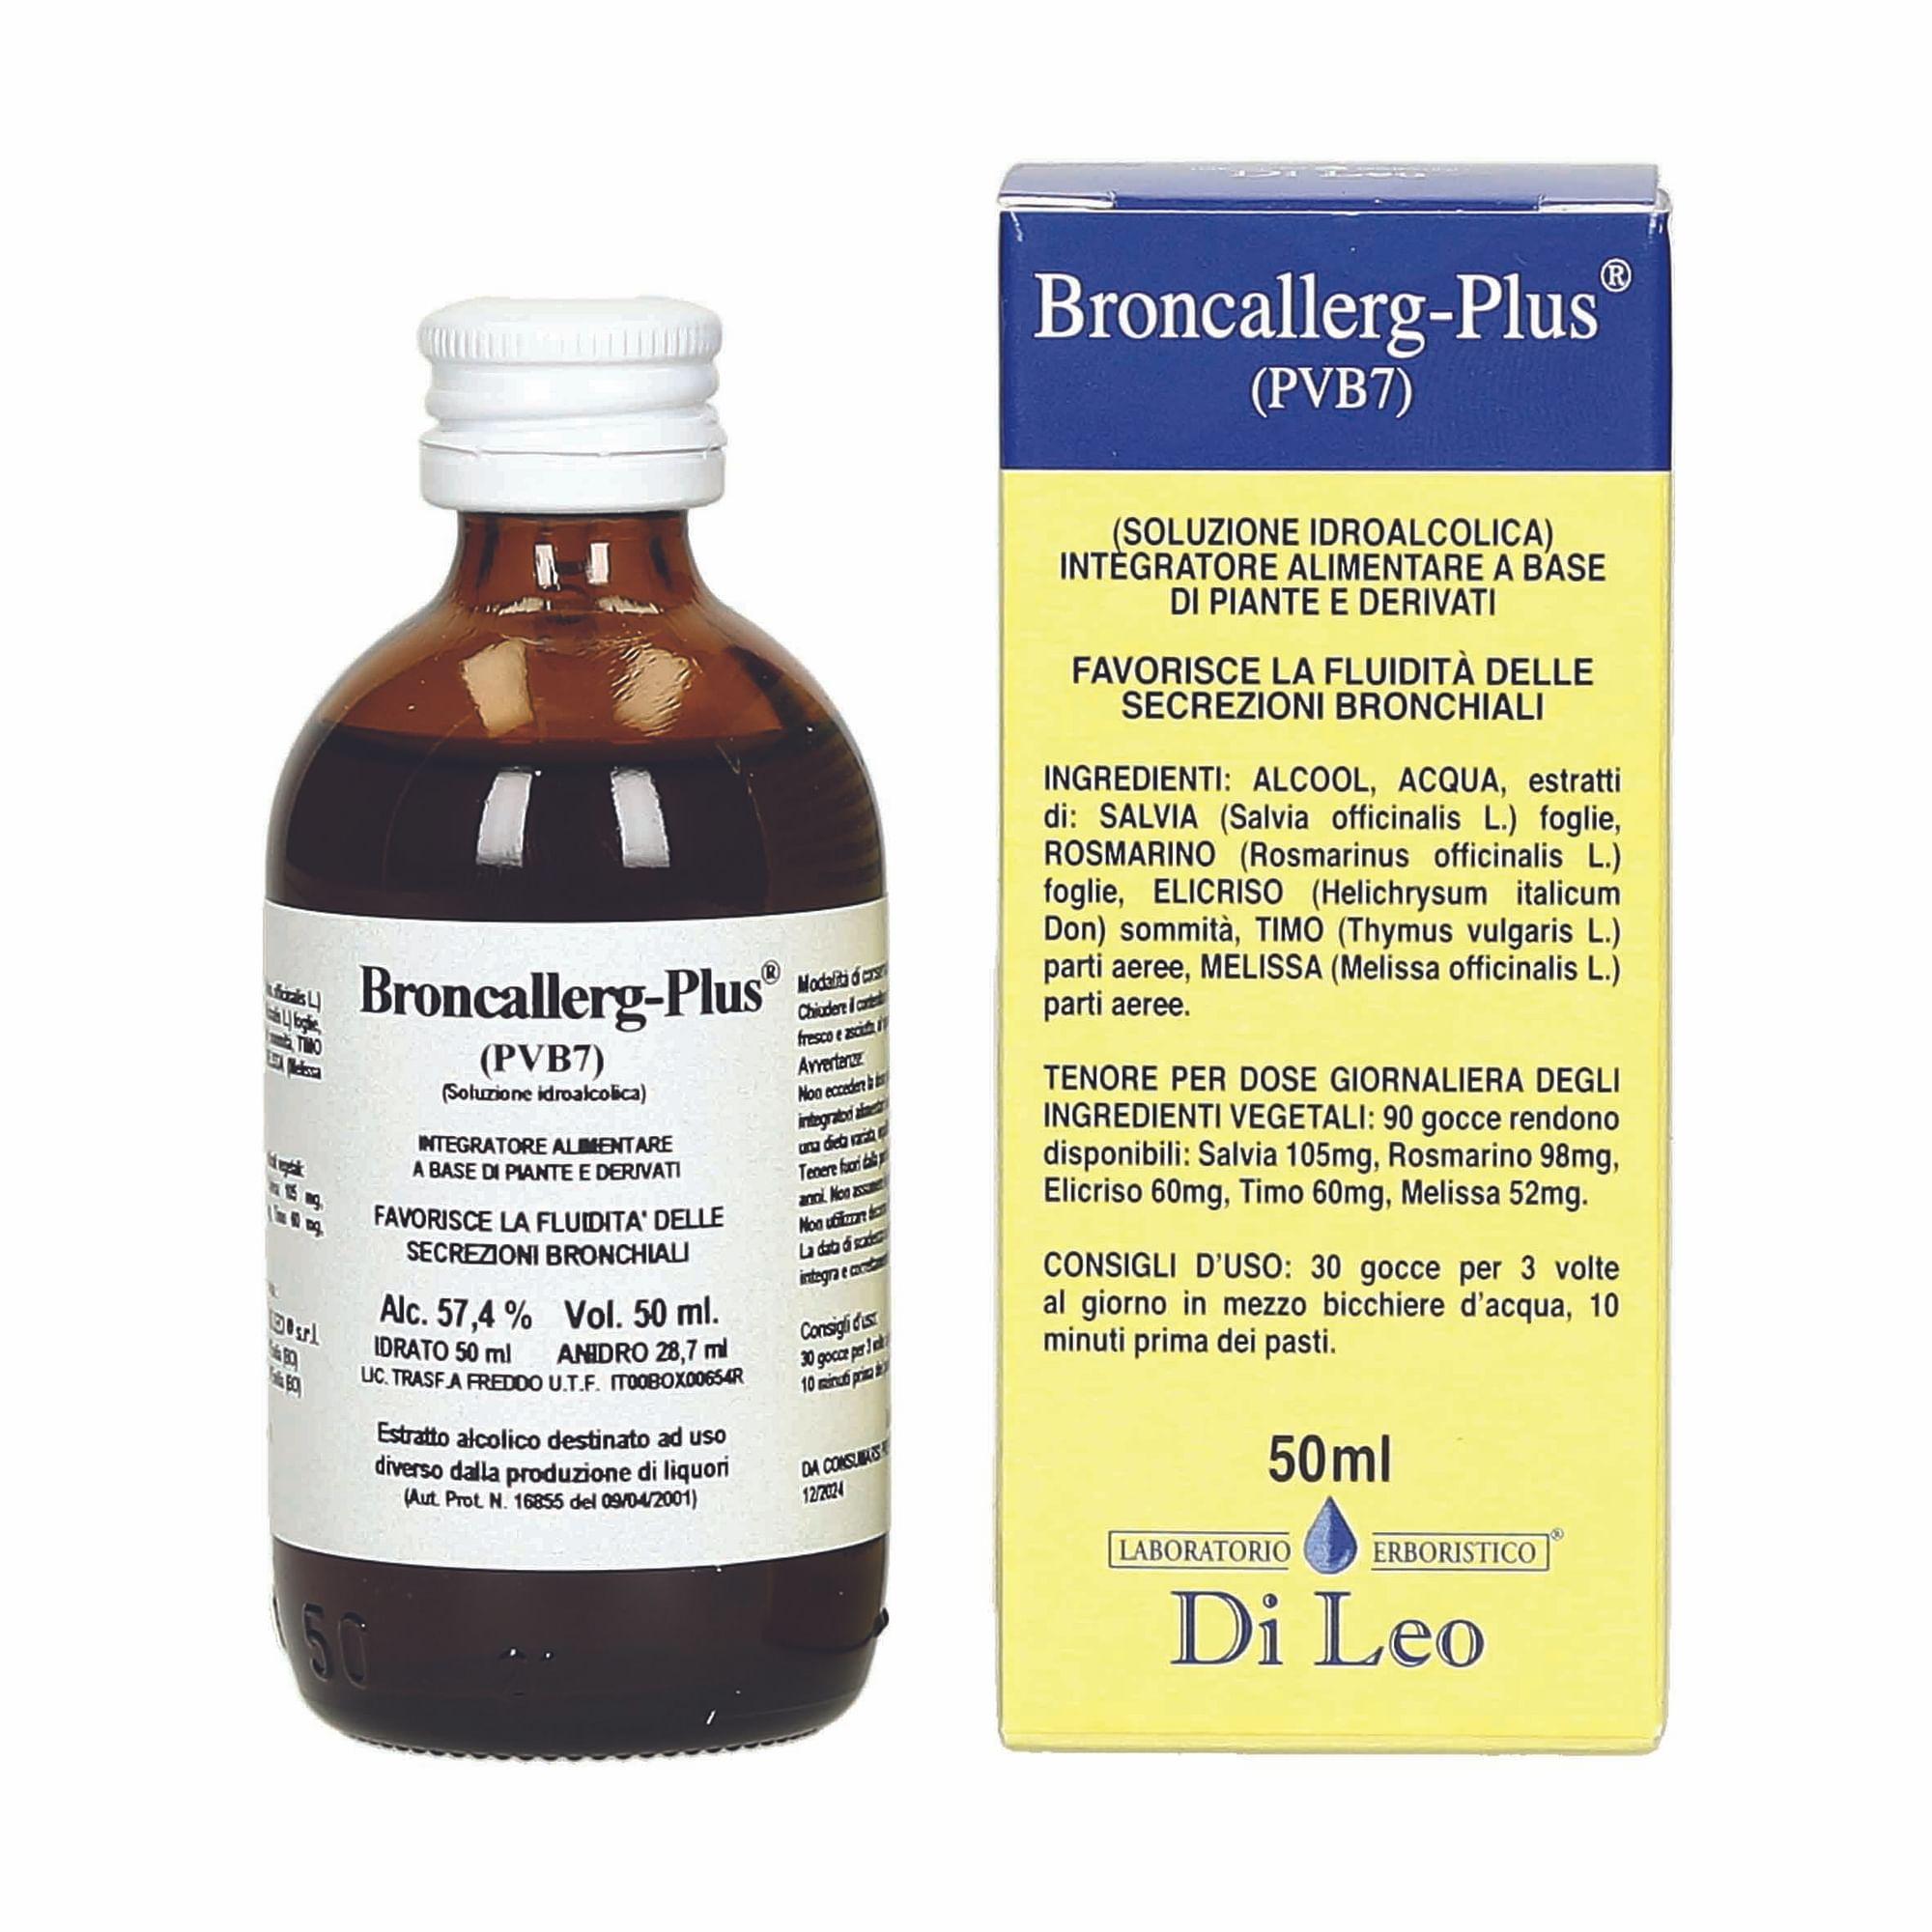 laboratorio erboristico di leo broncallerg-plus composto pvb 7 50 ml